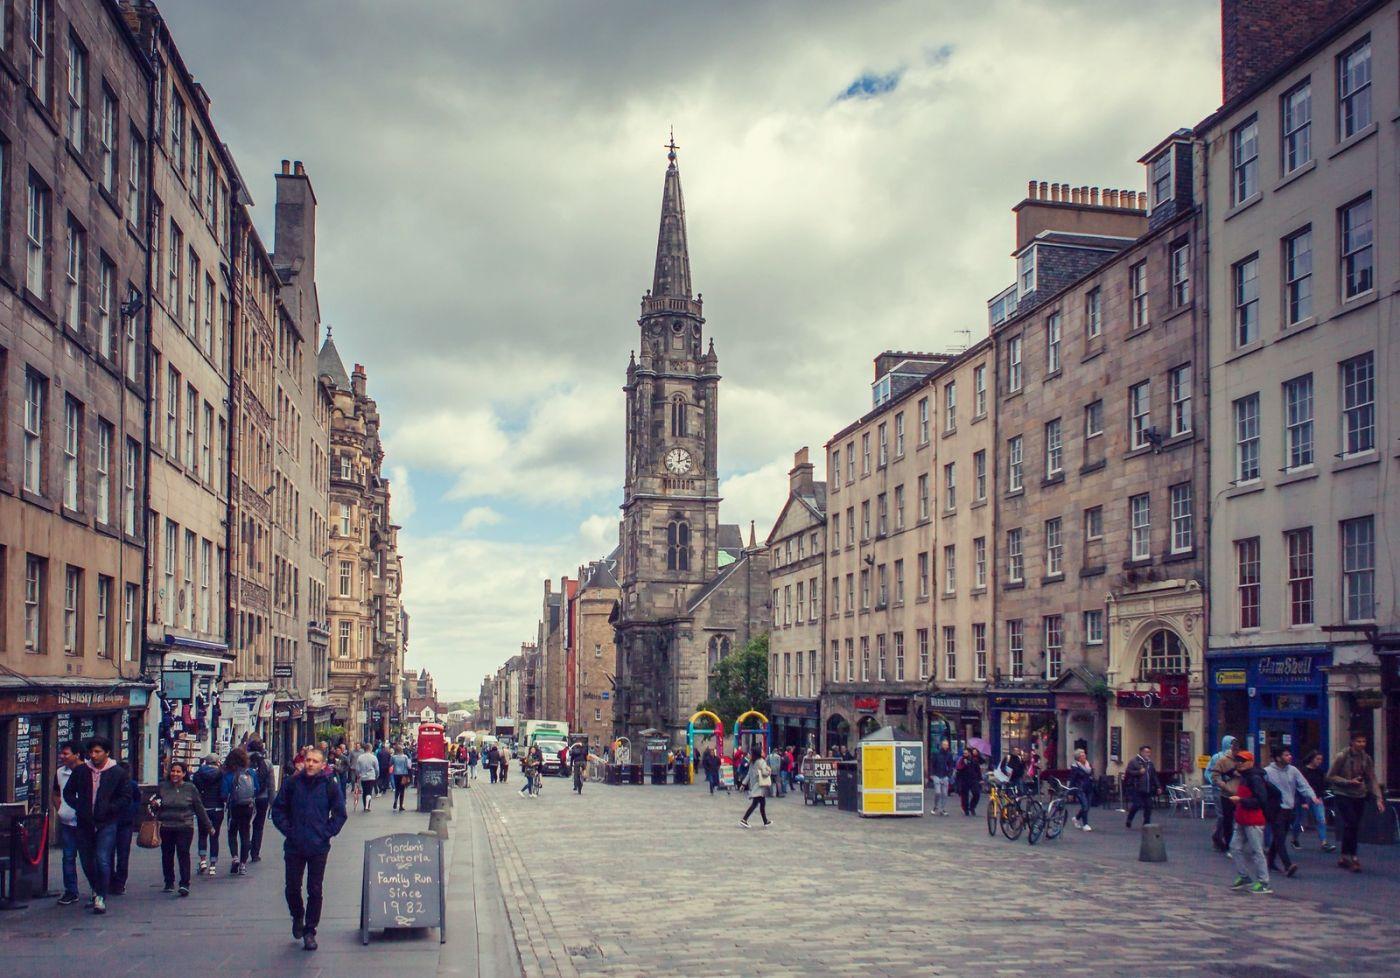 苏格兰爱丁堡,老城市老文化_图1-11